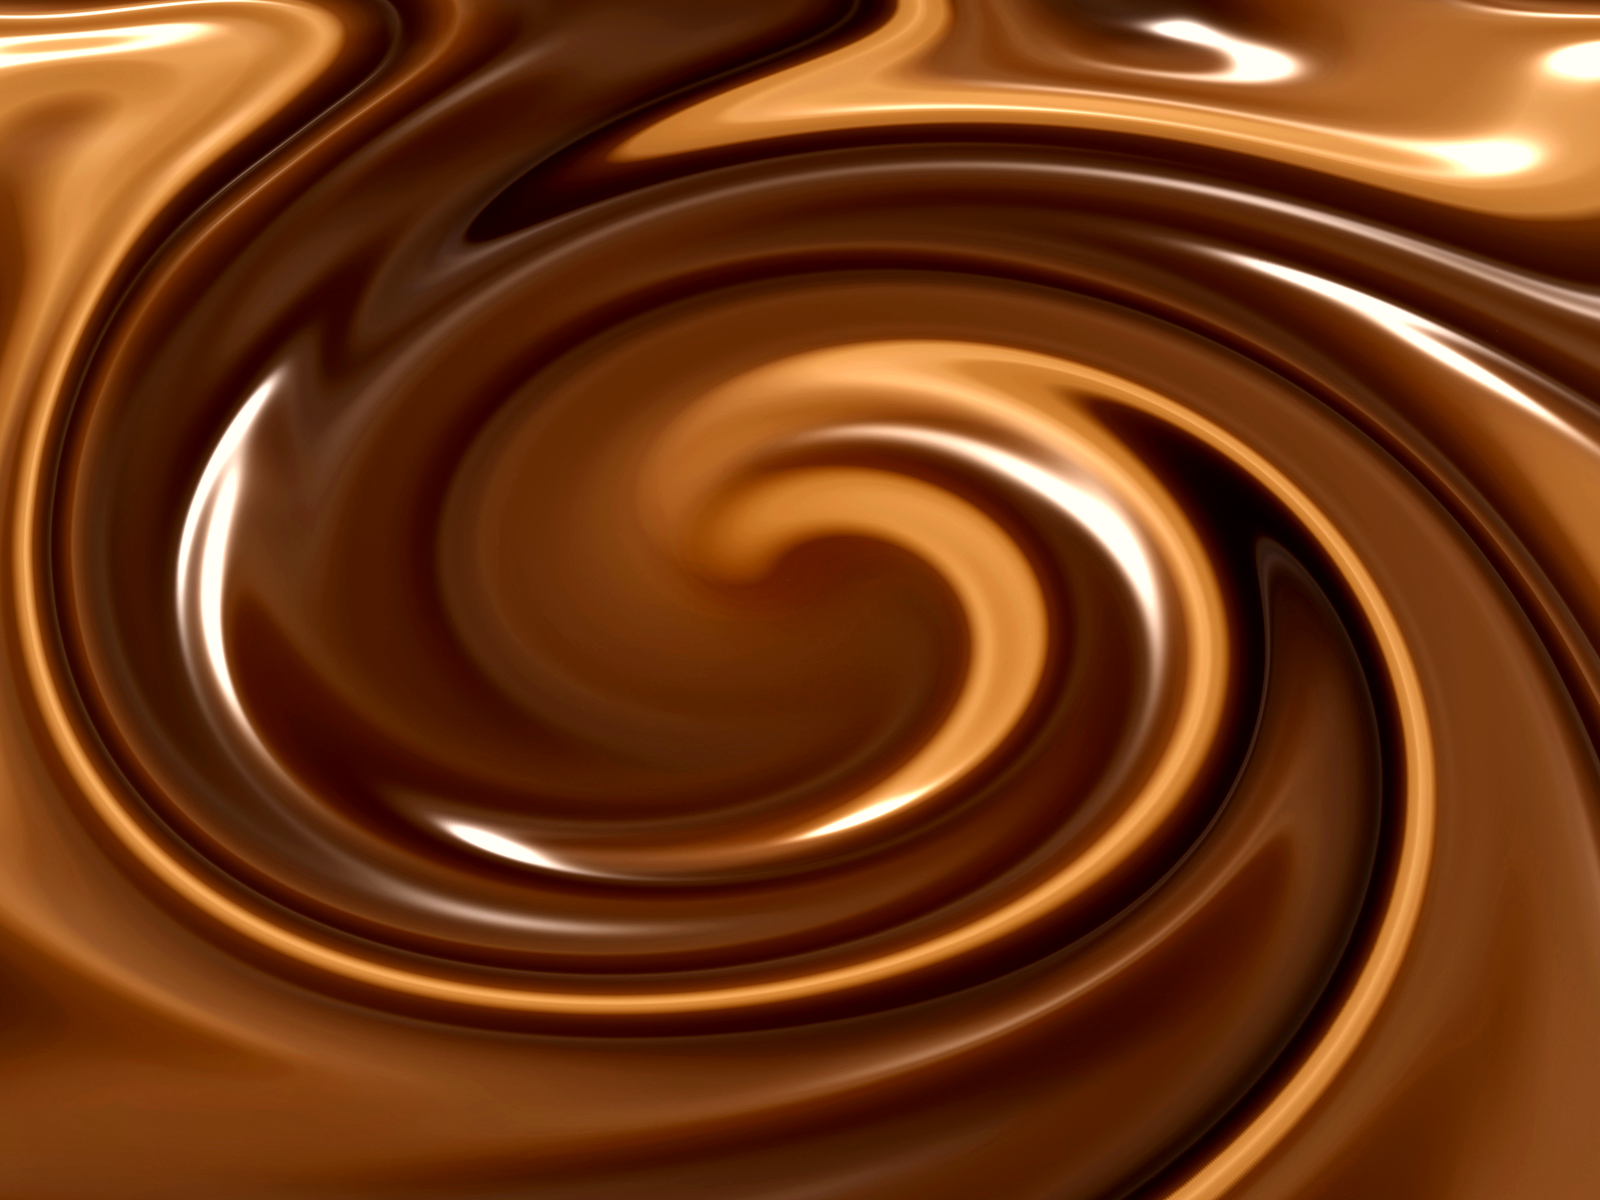 Chocolate Swirl wallpaper